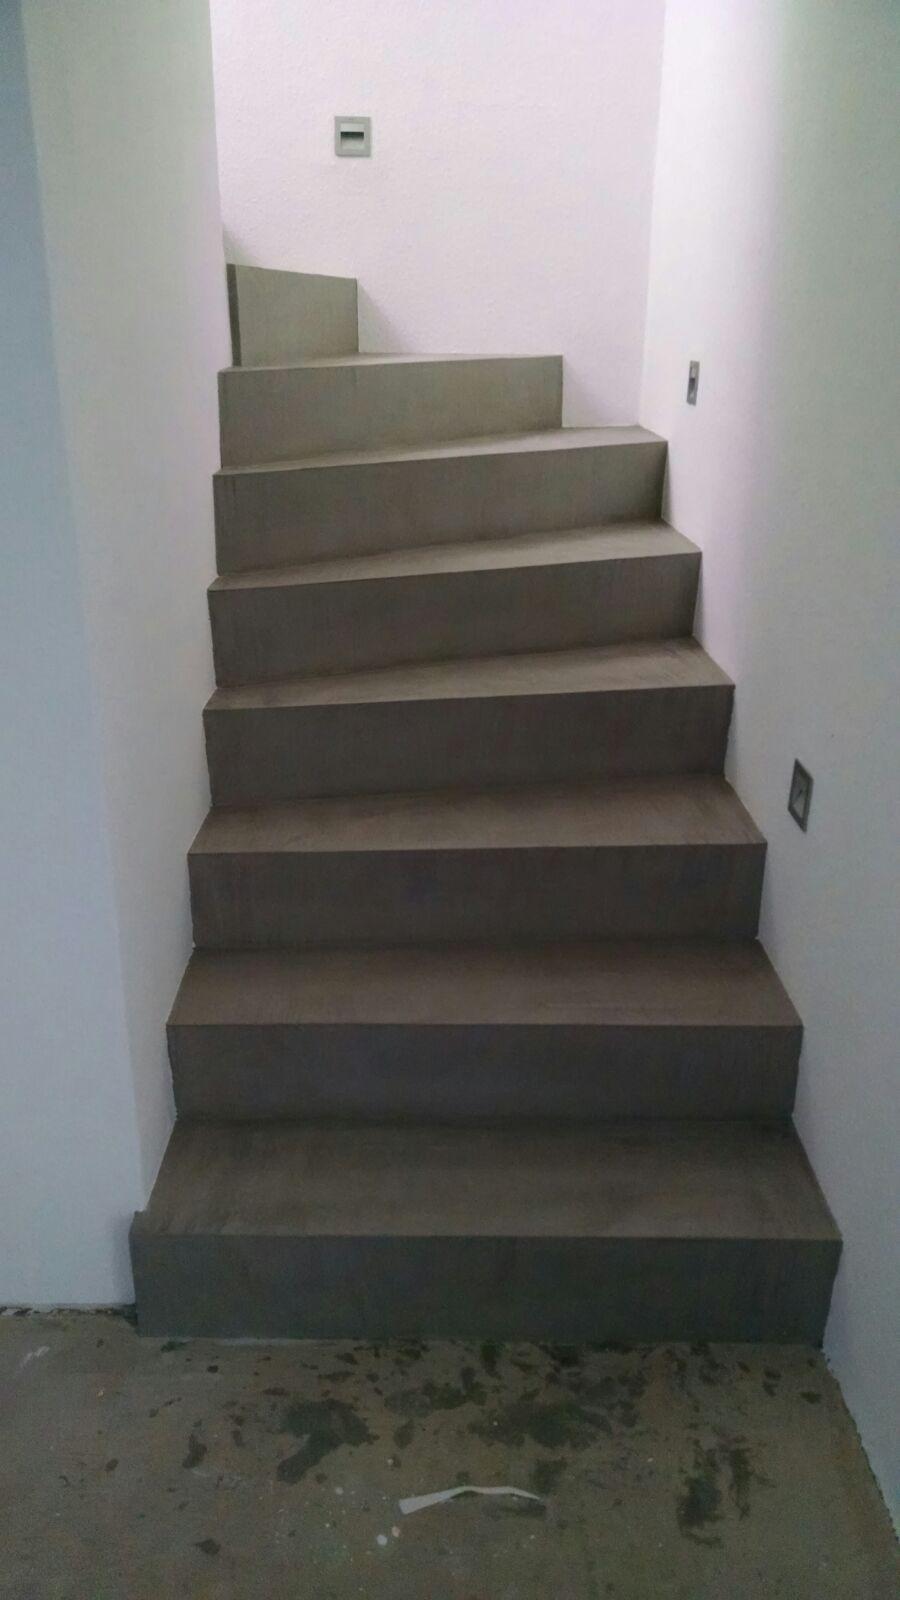 beton cire oberfl chen in beton look beton unique aus alt mach neu betonlook treppe by. Black Bedroom Furniture Sets. Home Design Ideas